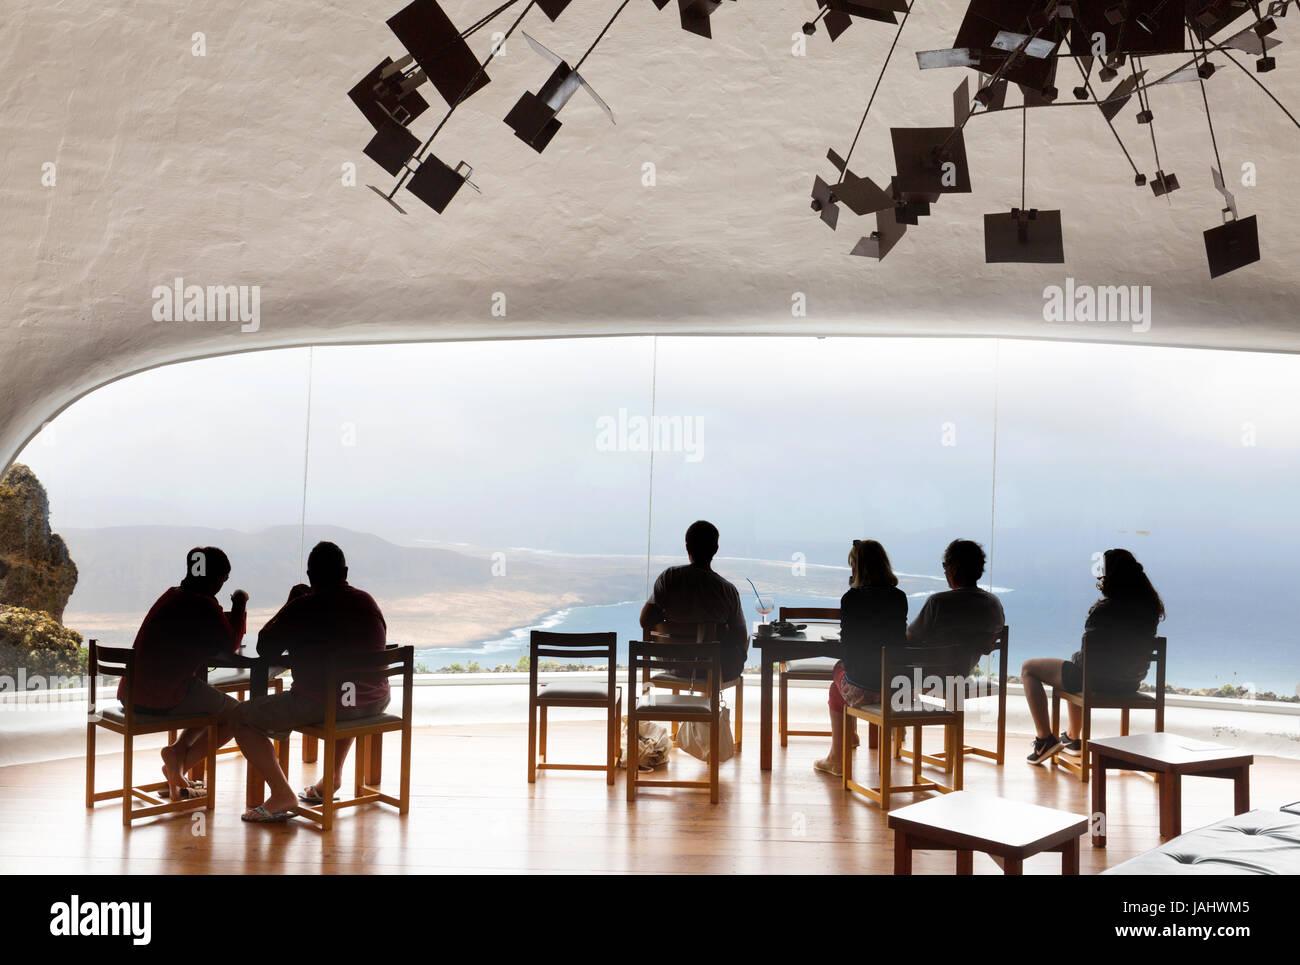 Lanzarote Mirador del Rio - people in the cafe designed by Cesar Manrique at the Mirador del Rio viewpoint, Lanzarote, - Stock Image